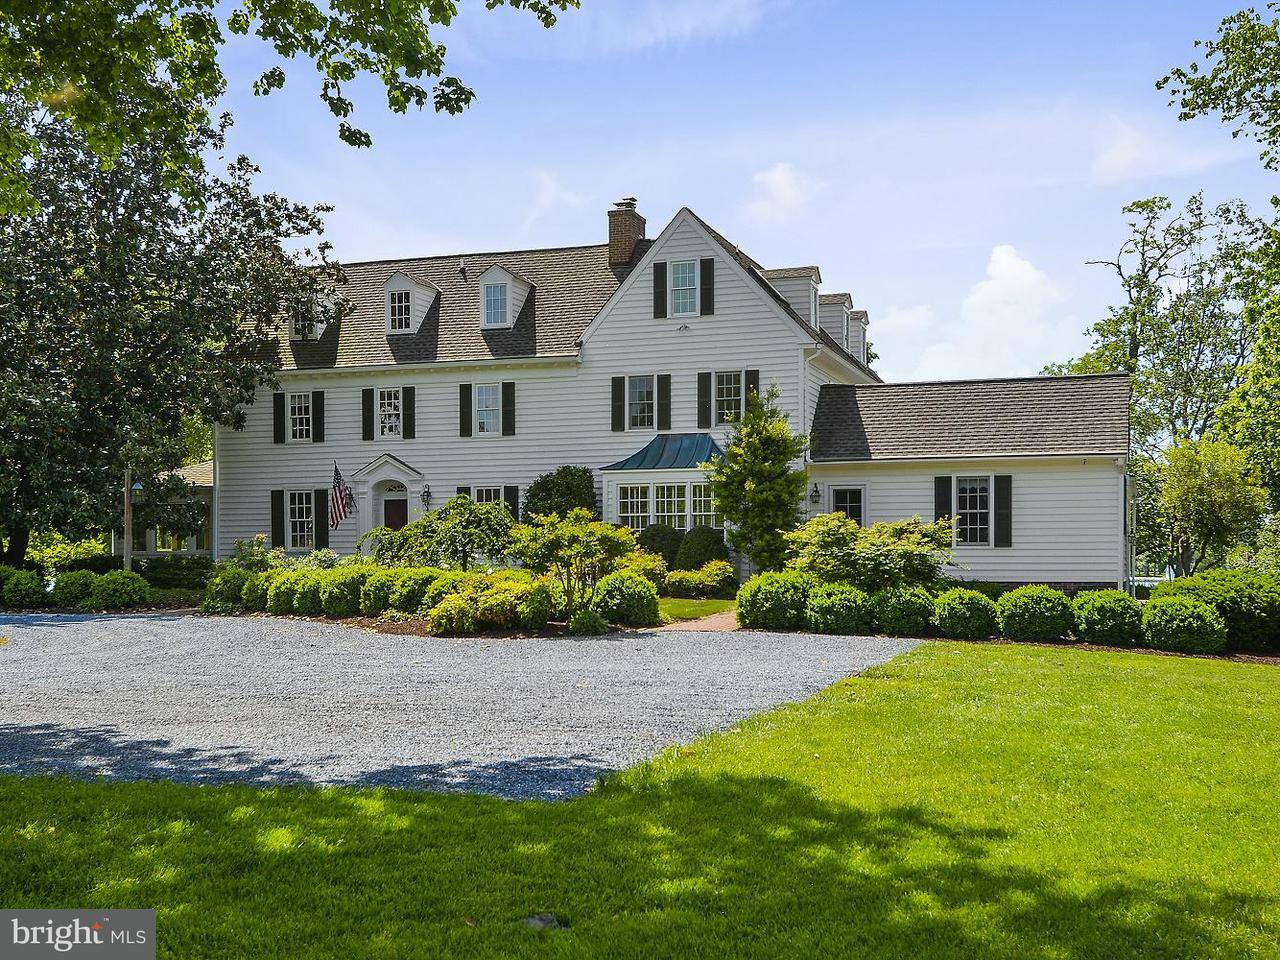 Maison unifamiliale pour l Vente à 27134 Enniskillen Road 27134 Enniskillen Road Easton, Maryland 21601 États-Unis